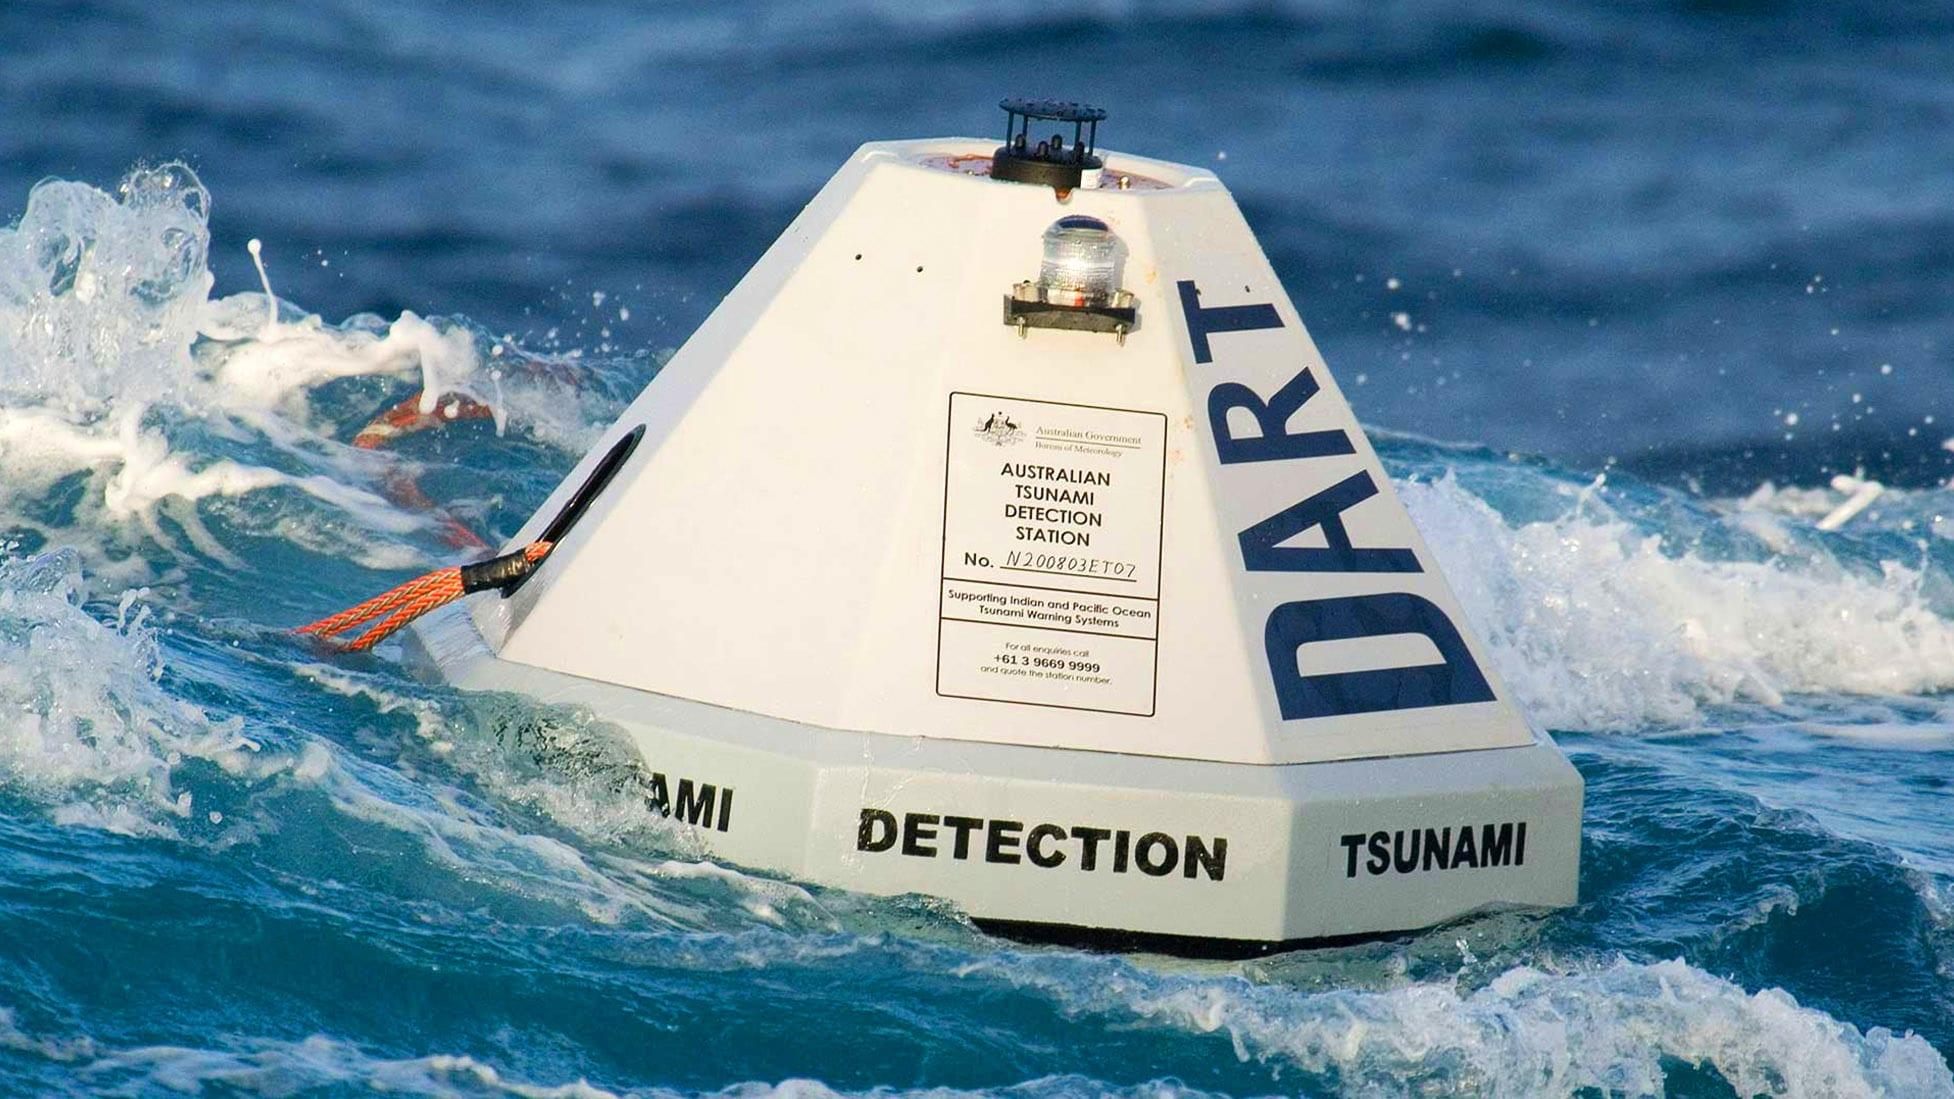 Устройство для распознавания цунами